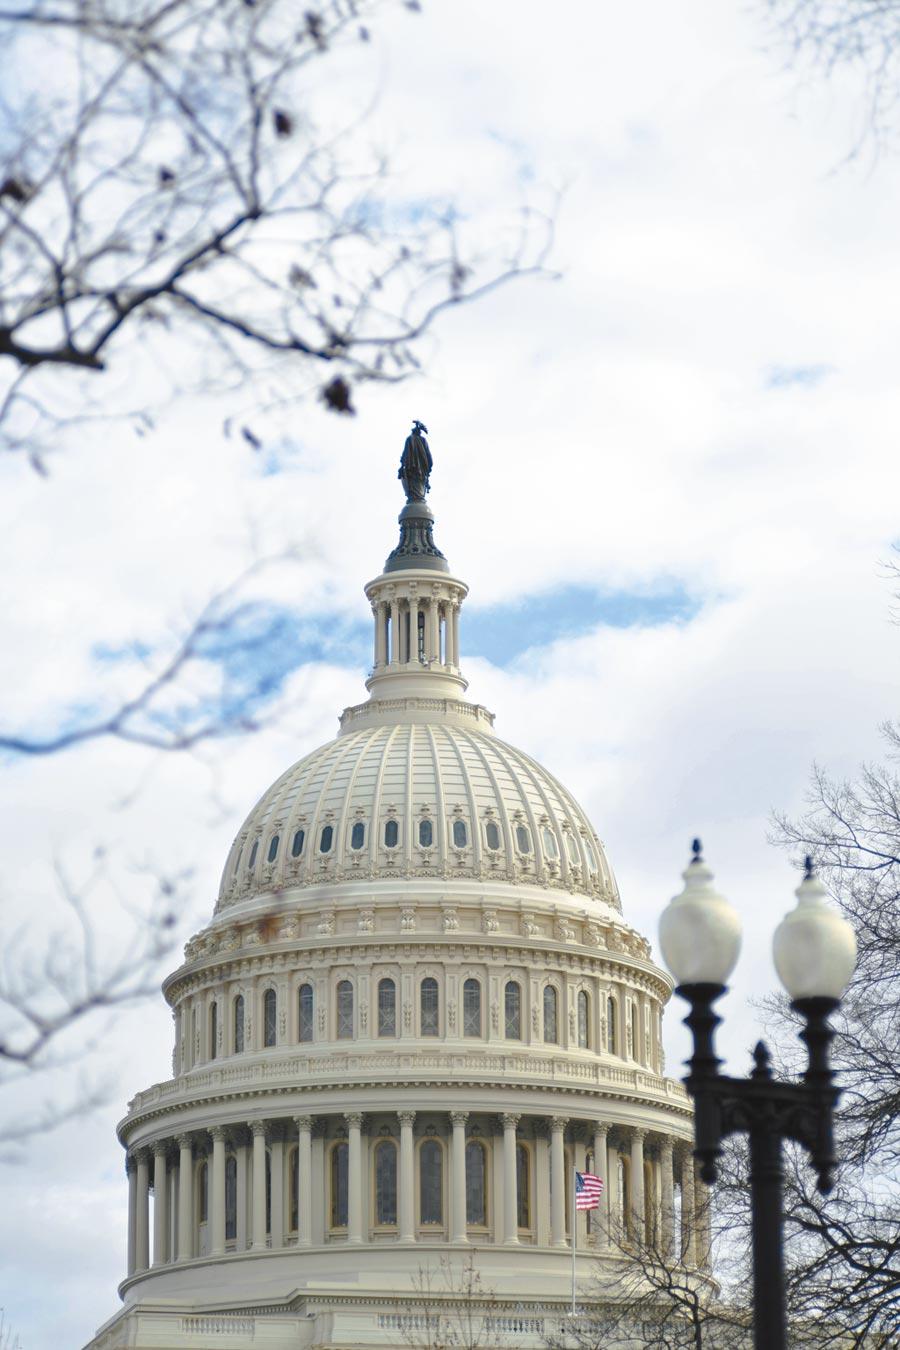 美國聯邦眾議院當地時間7日通過《2019年台灣保證法》與《重新確認美國對台及對執行台灣關係法承諾》決議案。圖為美國國會山莊。(新華社資料照片)